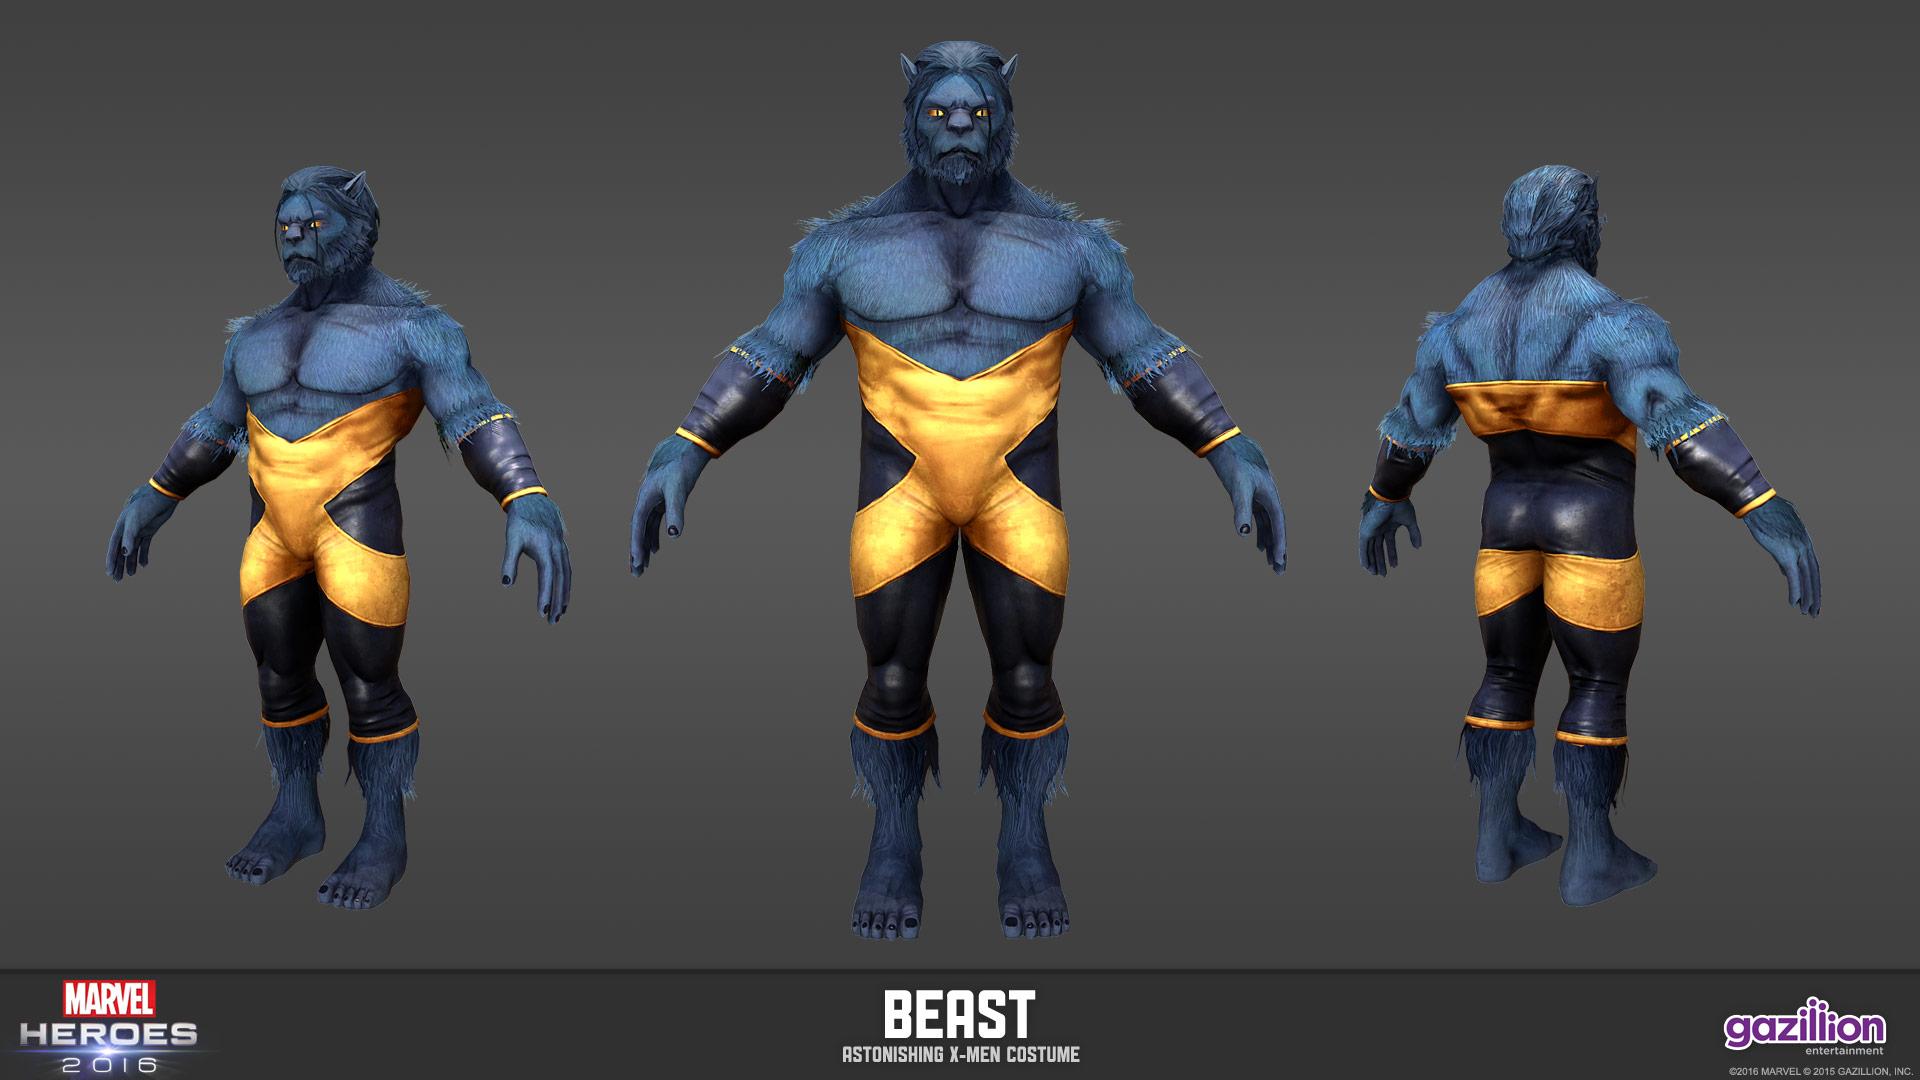 beast-marvel-heroes